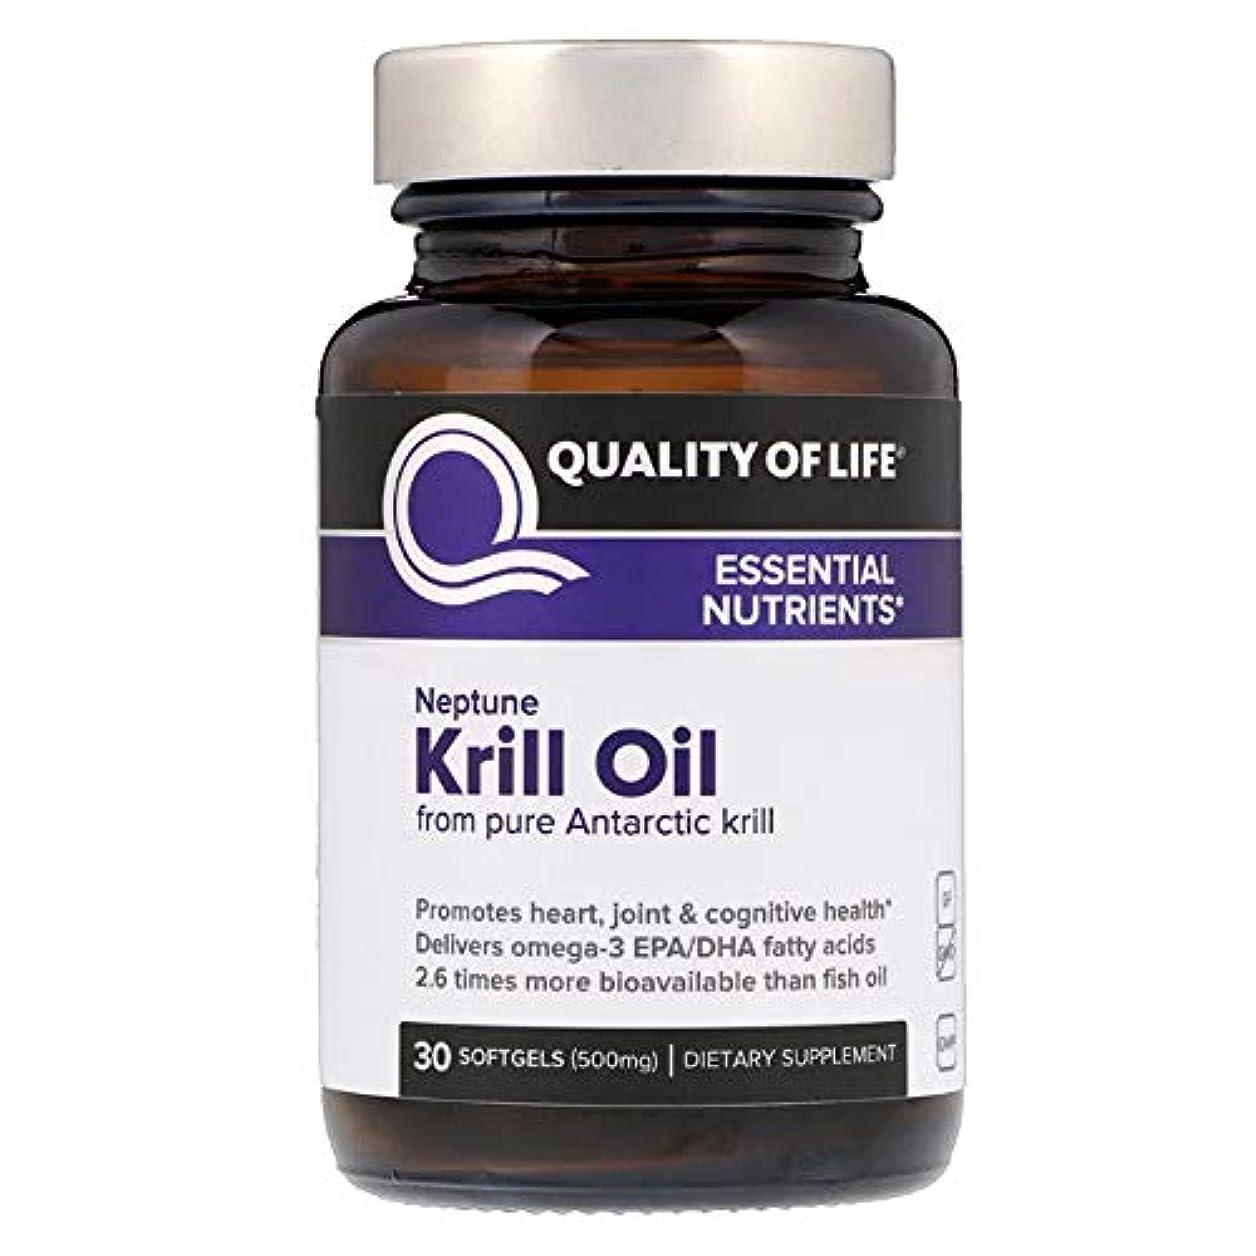 障害者無フルーツQuality of Life Labs ネプチューンクリルオイル 必須栄養素 500 mg ソフトジェル 30個 【アメリカ直送】